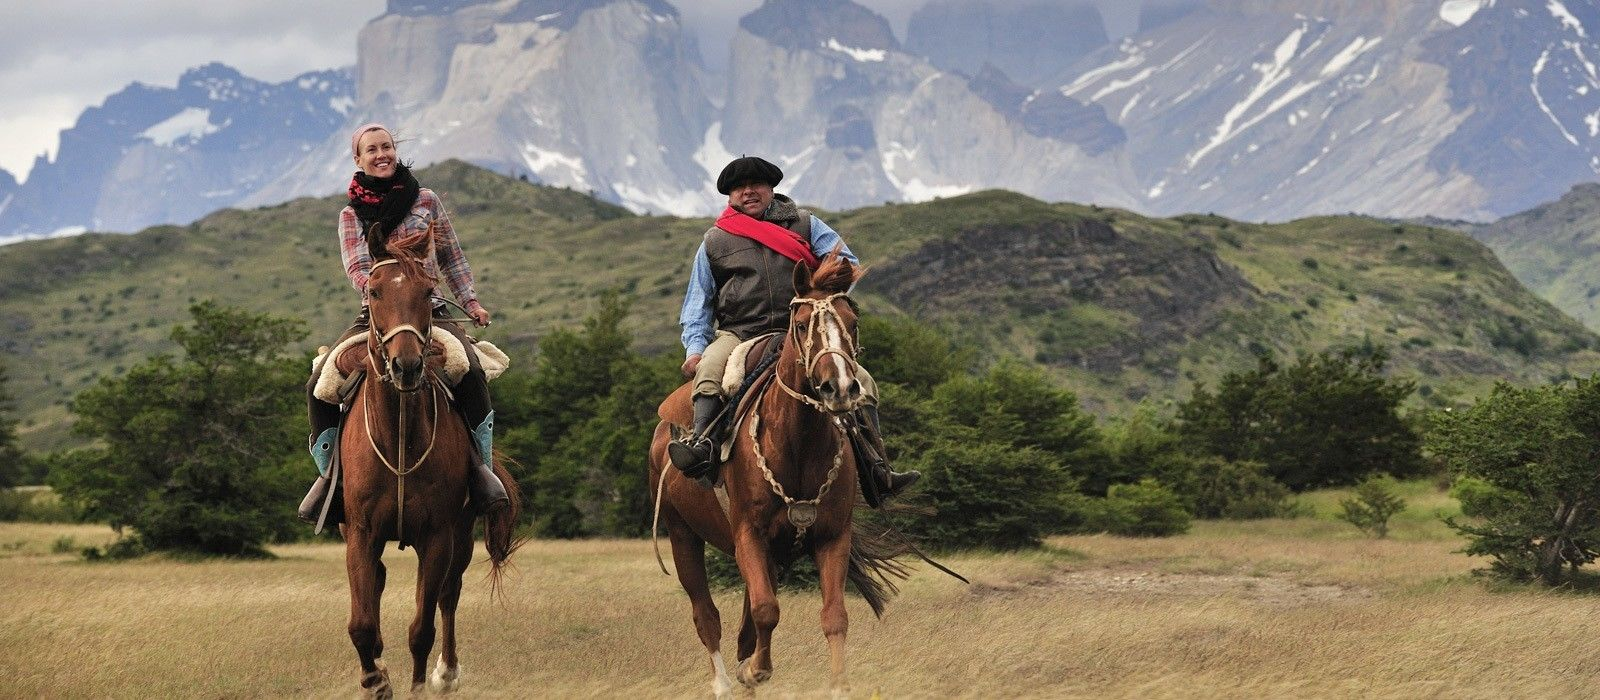 Chile Luxusreise: Traumhaft mit Tierra Urlaub 2